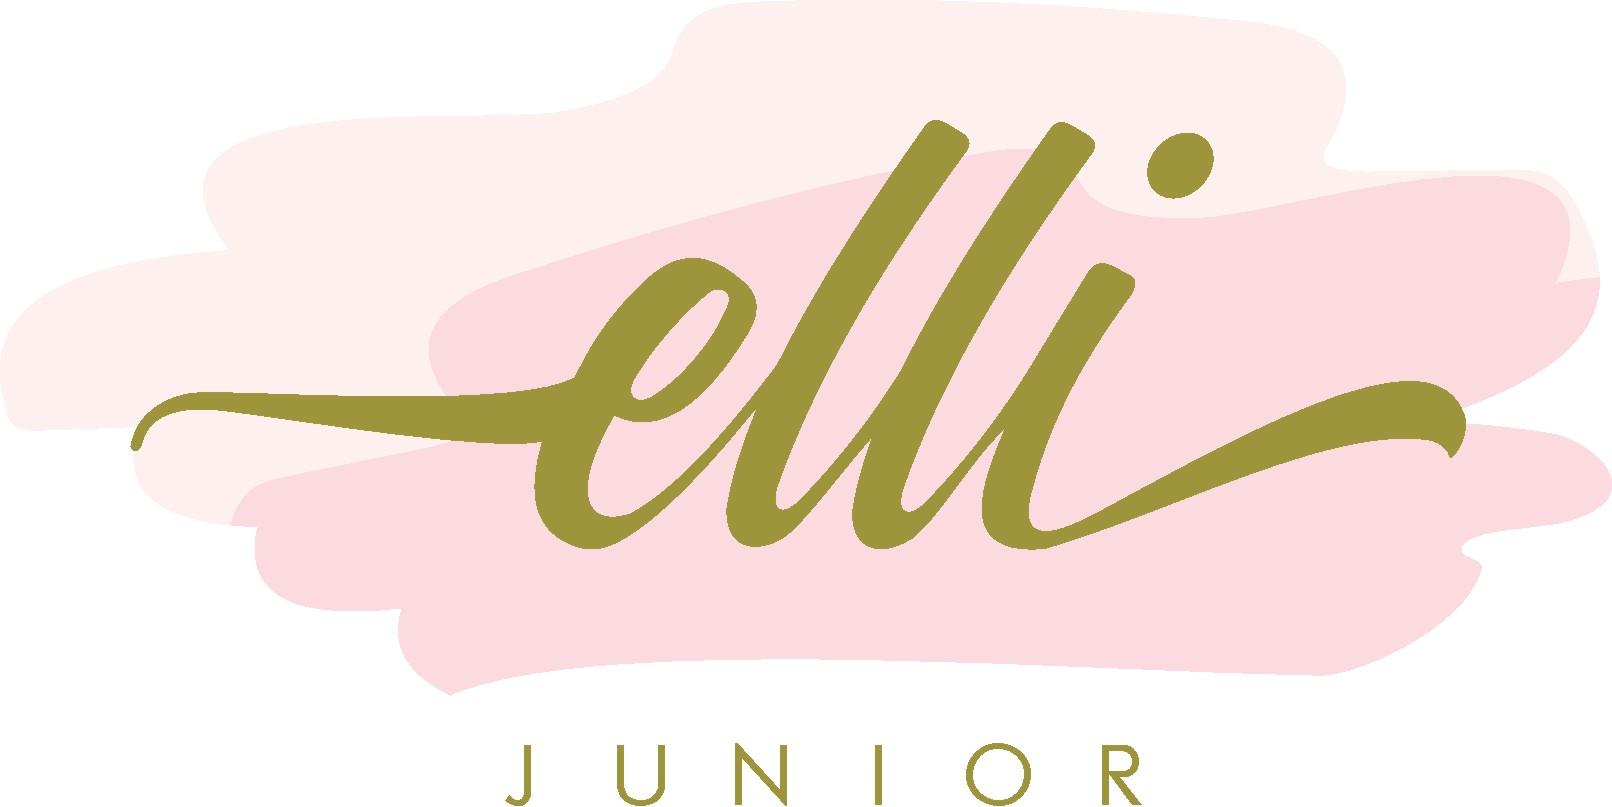 Elli junior